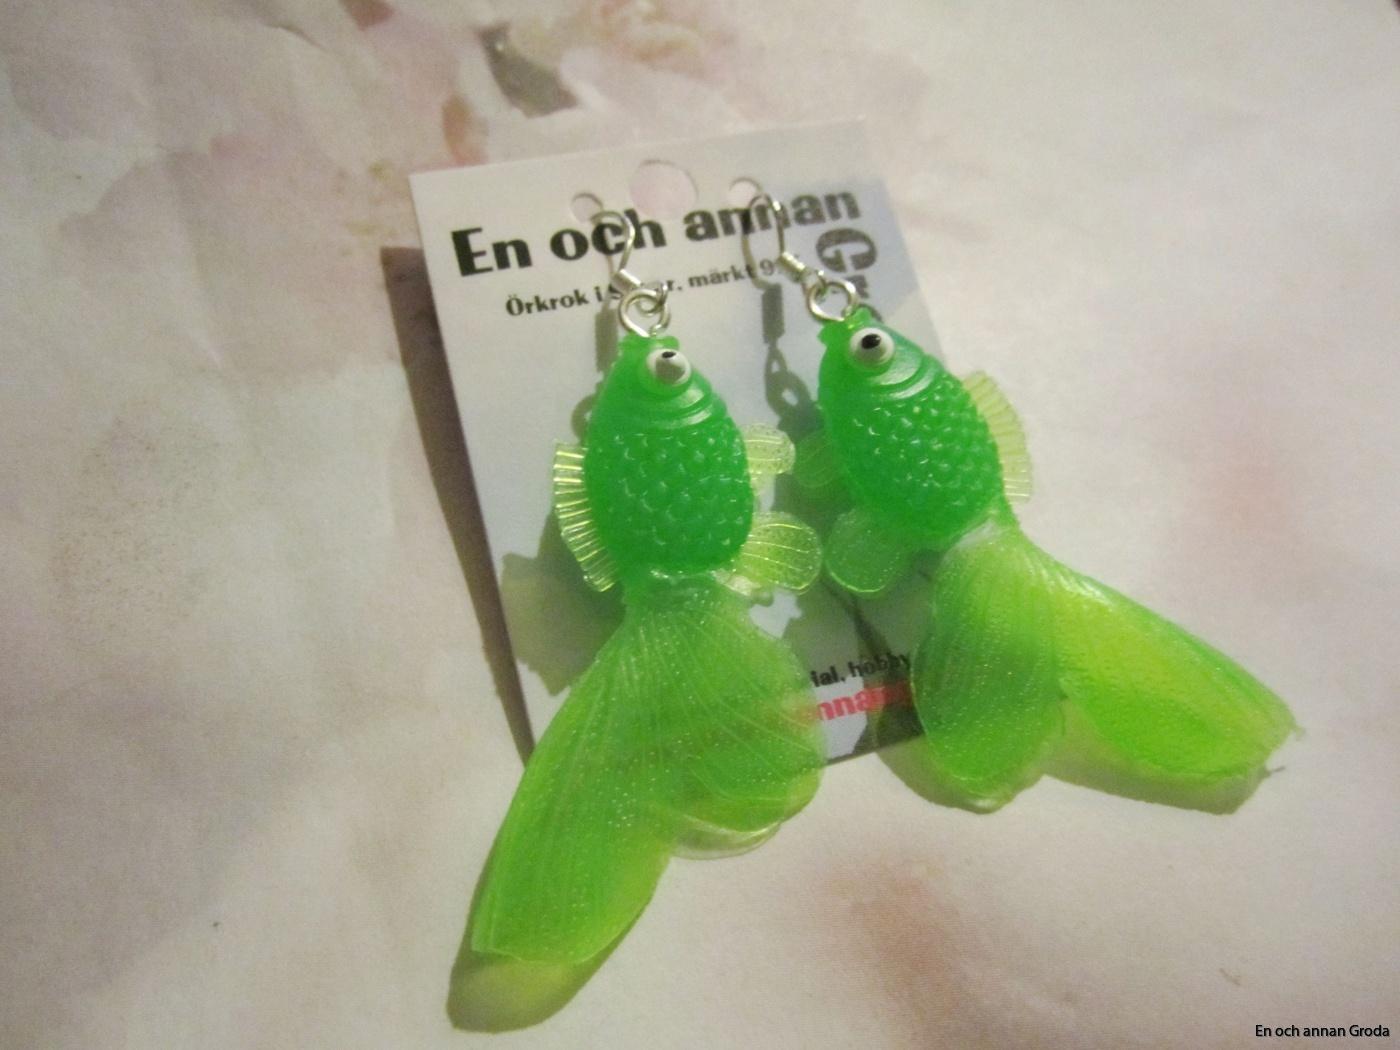 fisk örh grön